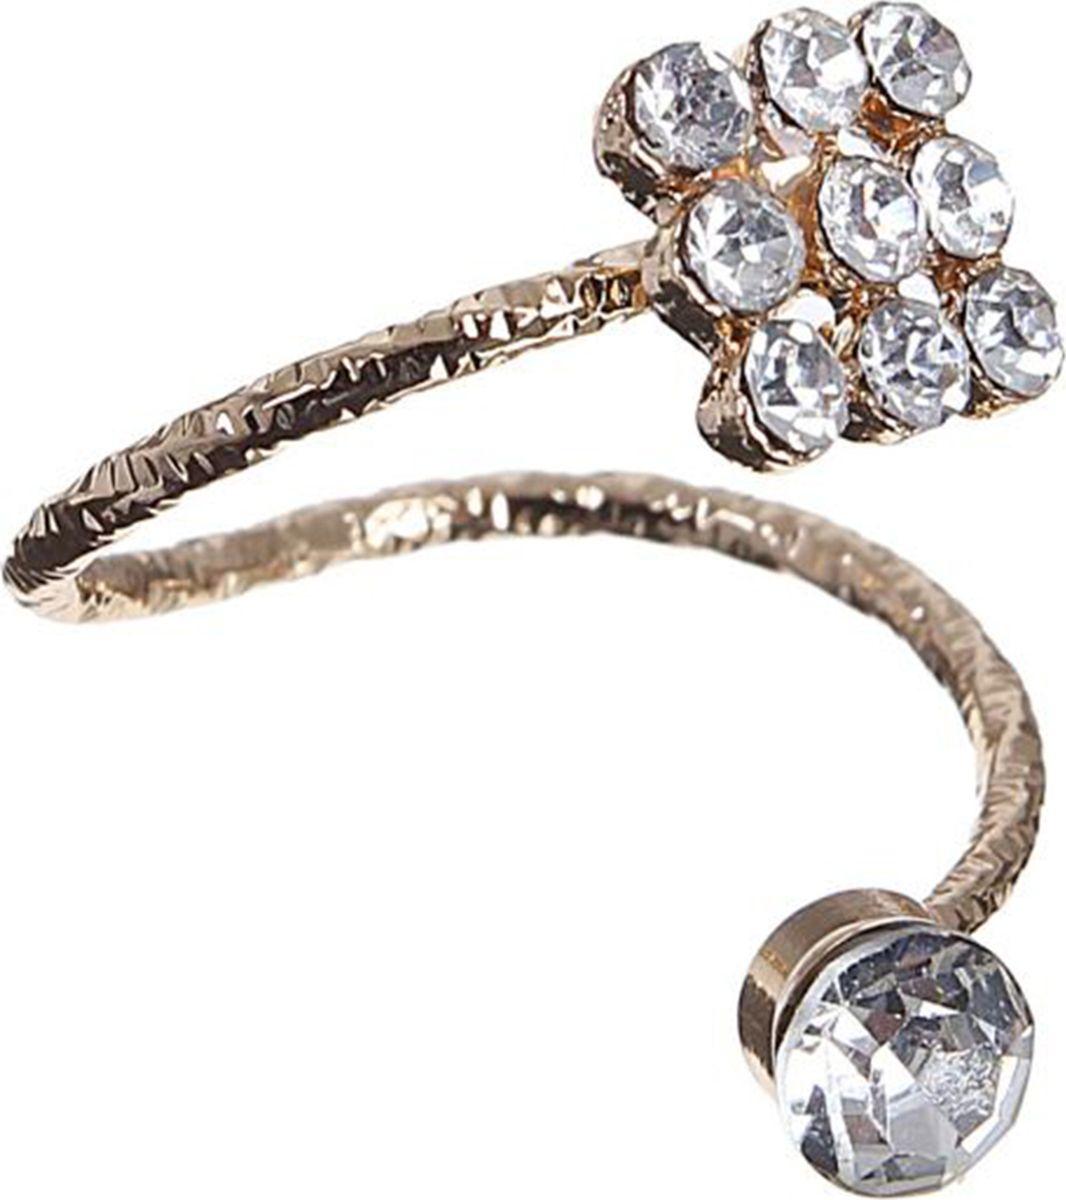 Кольцо Mitya Veselkov Классика, цвет: золотистый. 1503346Коктейльное кольцоОригинальное кольцо Mitya Veselkov Классика изготовлено из гипоаллергенного бижутерного сплава. Изделие выполнено с вкраплениями из страз.